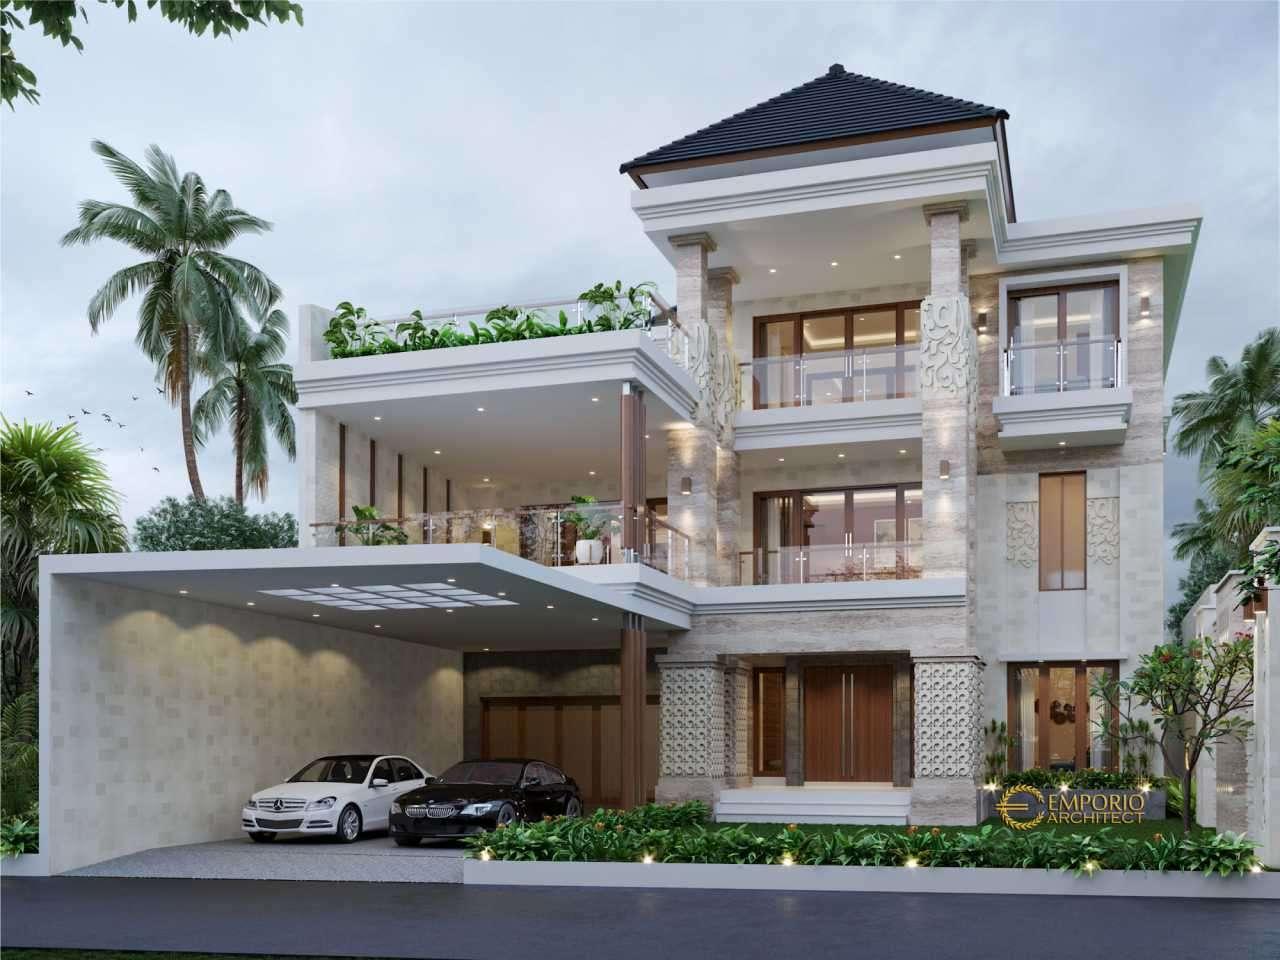 Berapa Lama Waktu Jasa Arsitek Untuk Menyelesaikan Desain Rumah